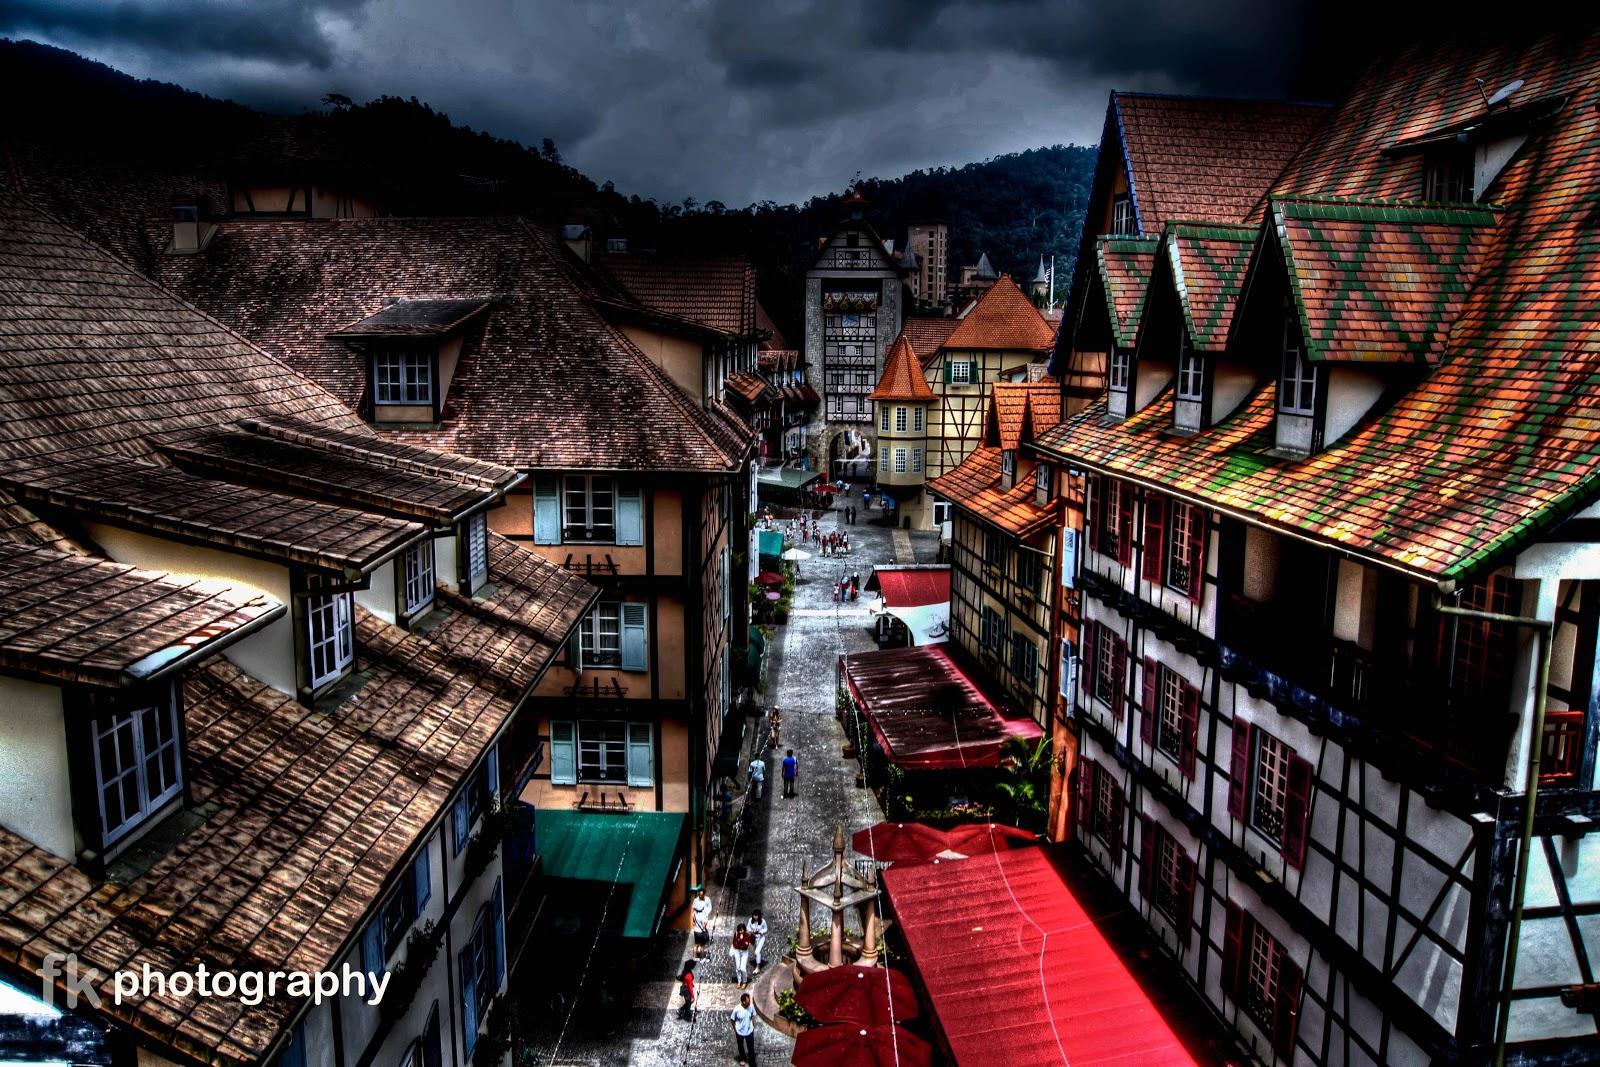 Bentong Malaysia  city images : Ditulis oleh Fairus Khafiz: Kembara Foto:The Colmar Tropicale, Bukit ...